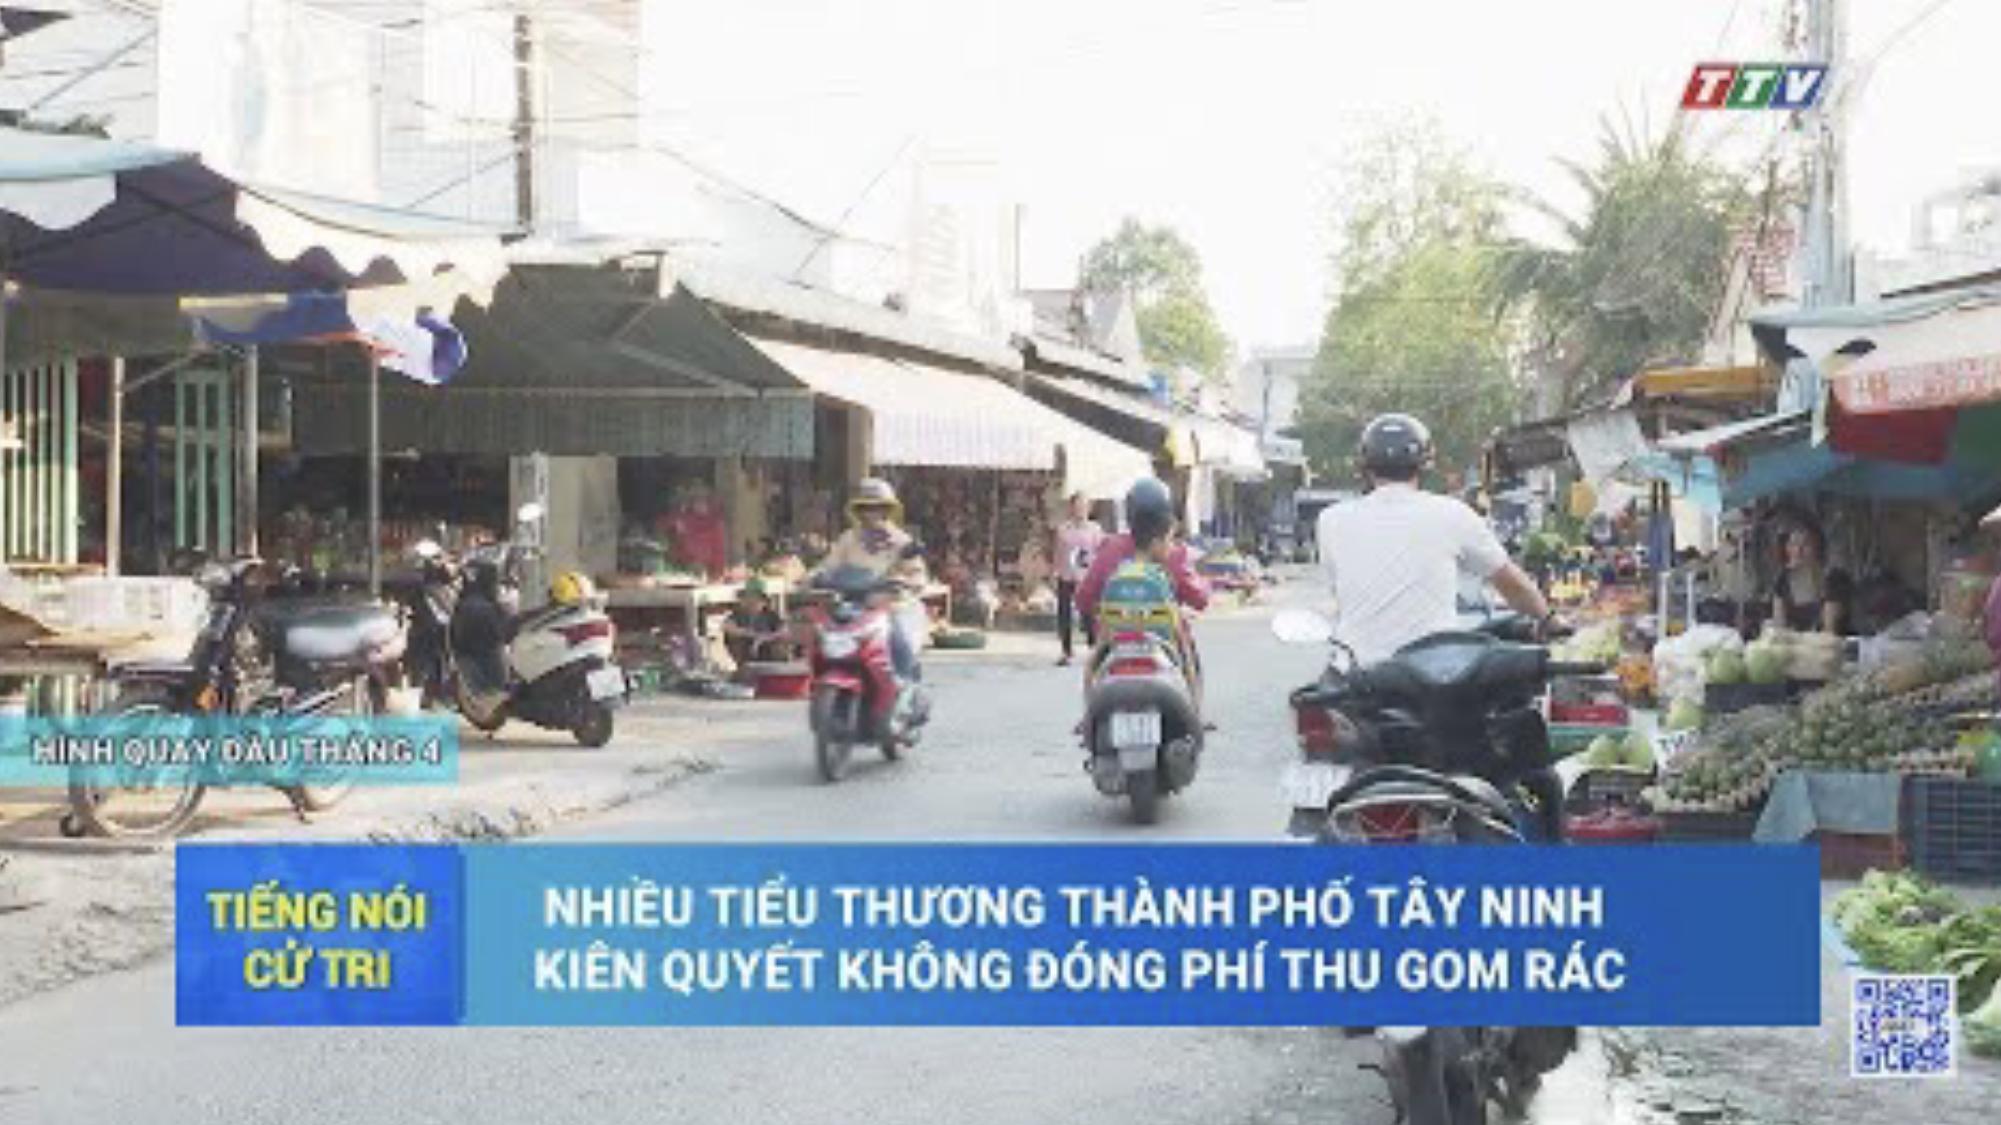 Nhiều tiểu thương thành phố Tây Ninh kiên quyết không đóng phí thu gom rác   TIẾNG NÓI CỬ TRI   TâyNinhTV